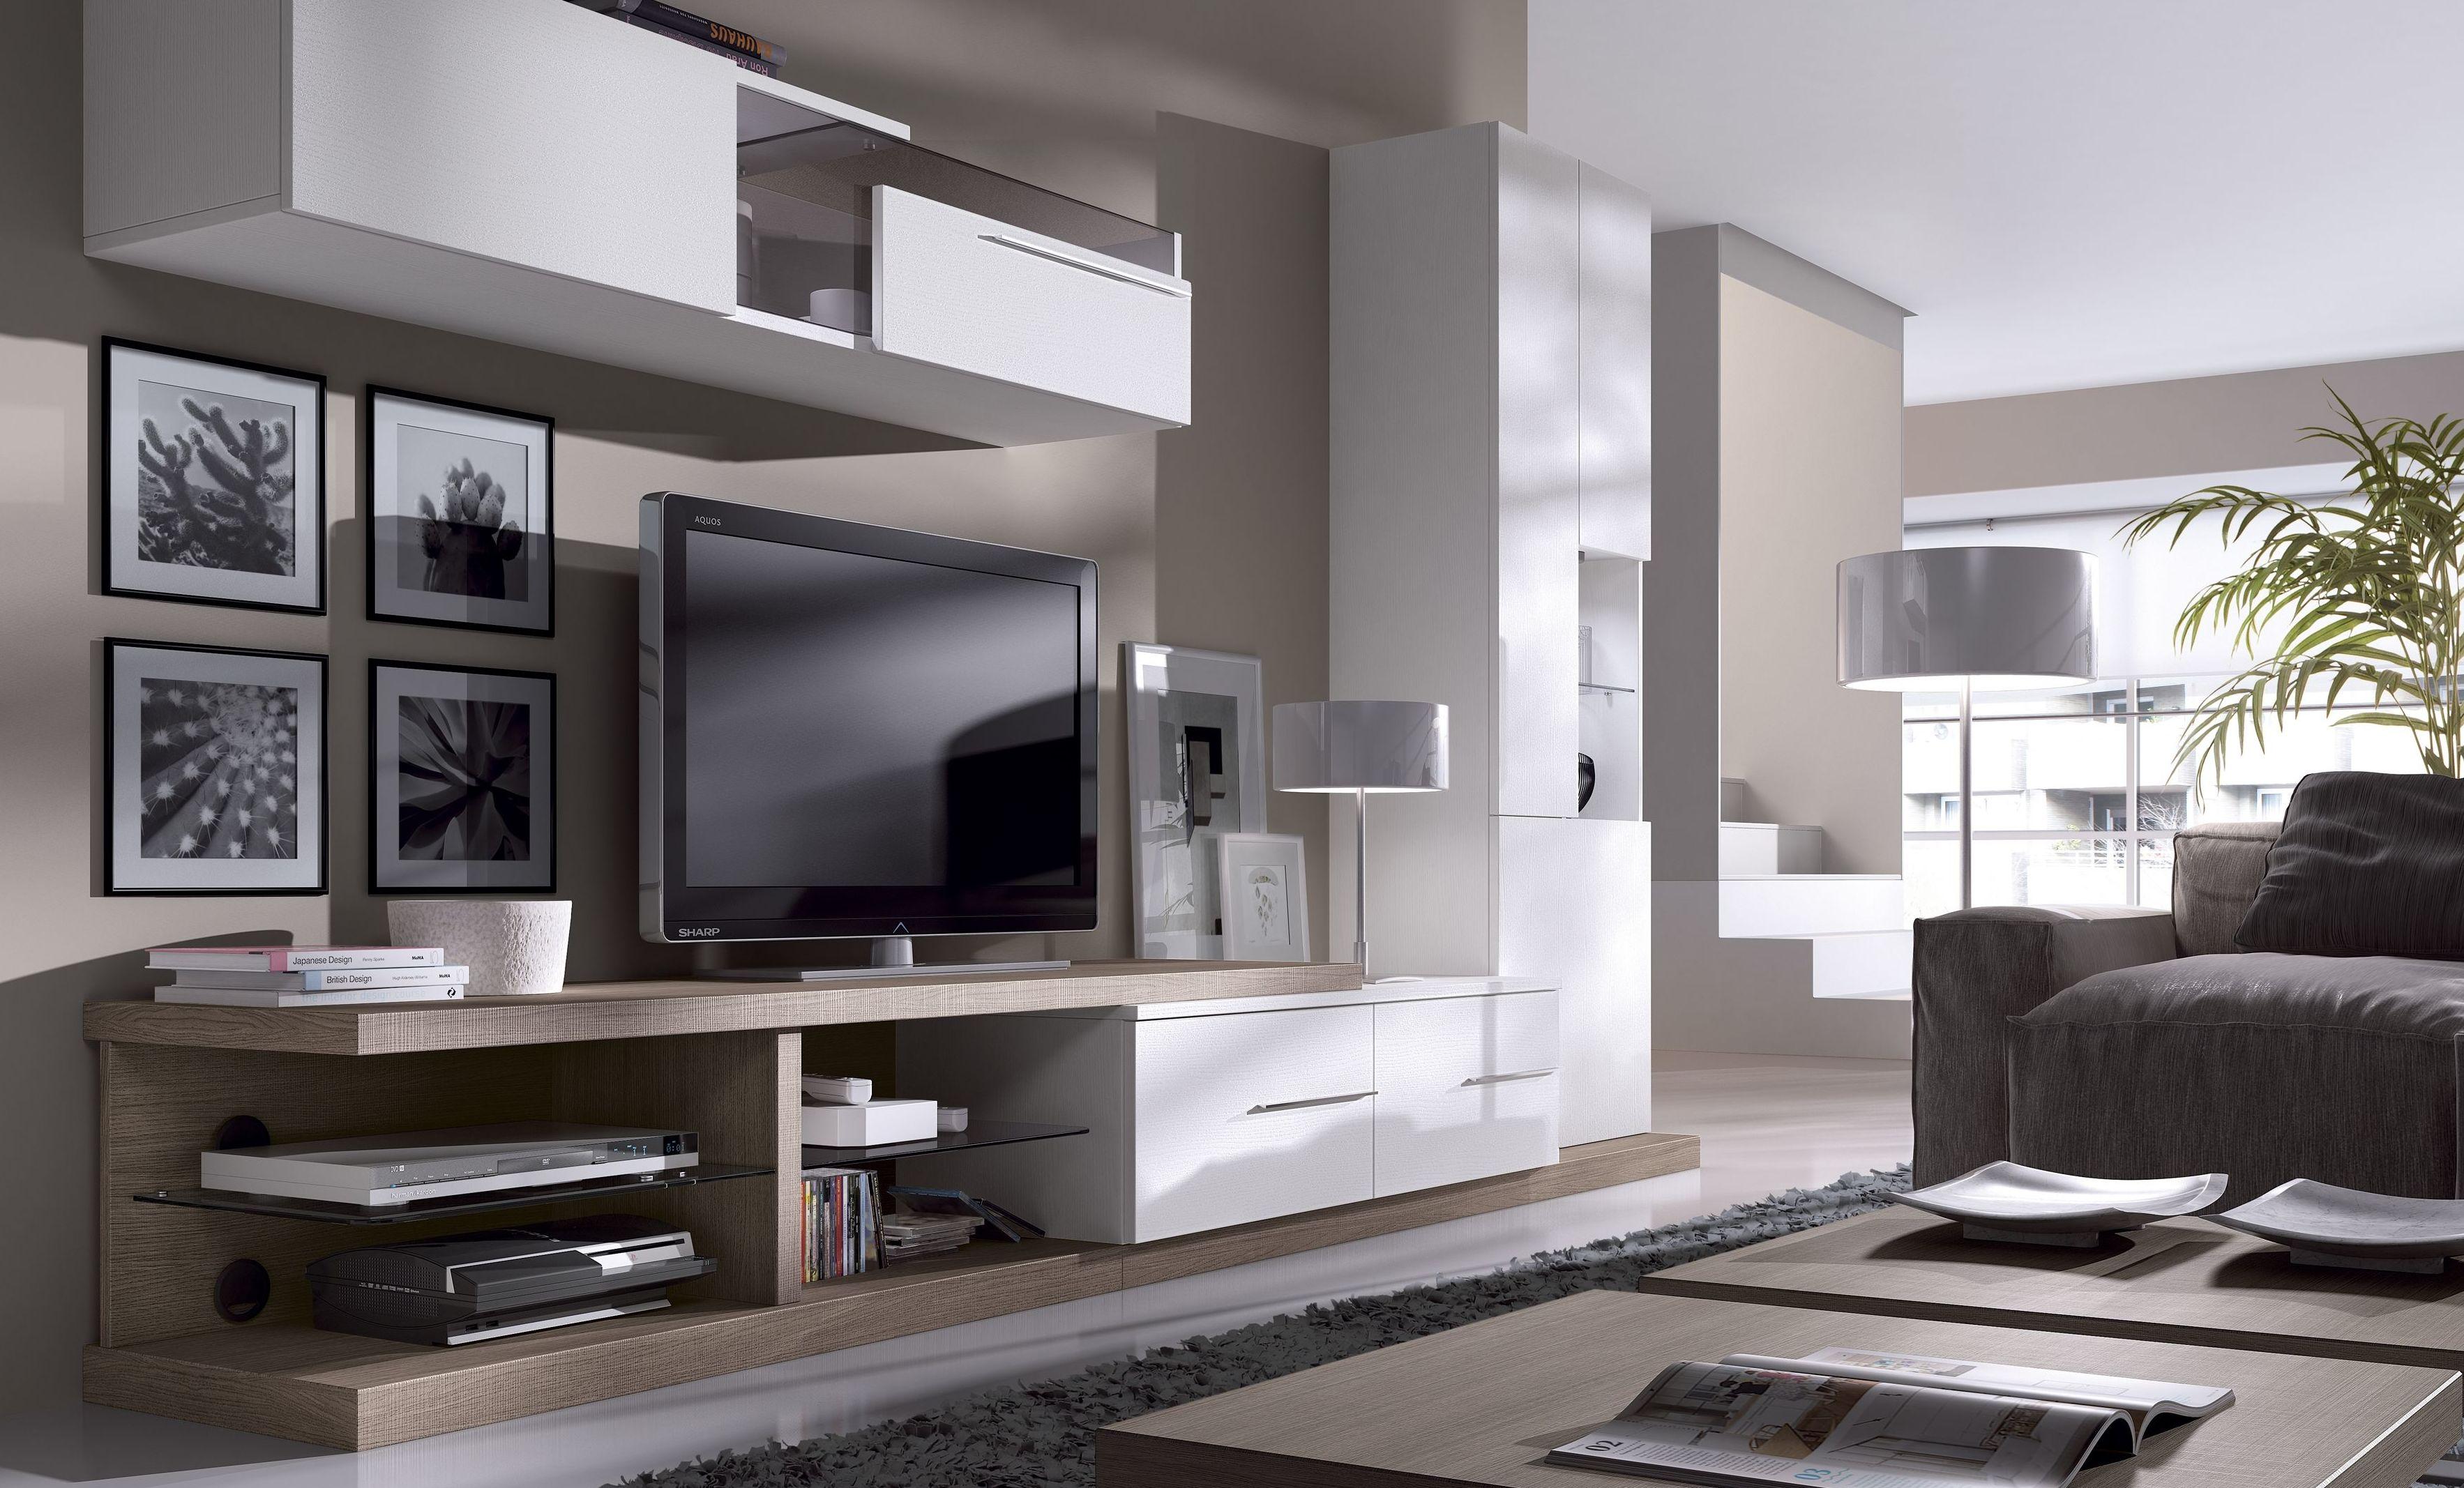 Salones catalogo rosamor cat logo de muebles y sof s de goga muebles complementos - Muebles y complementos ...